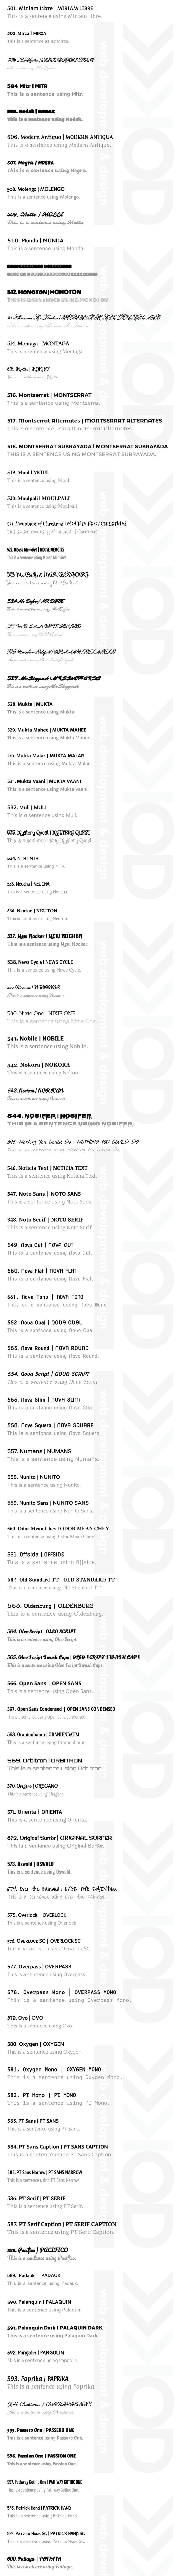 Divi Font List 6